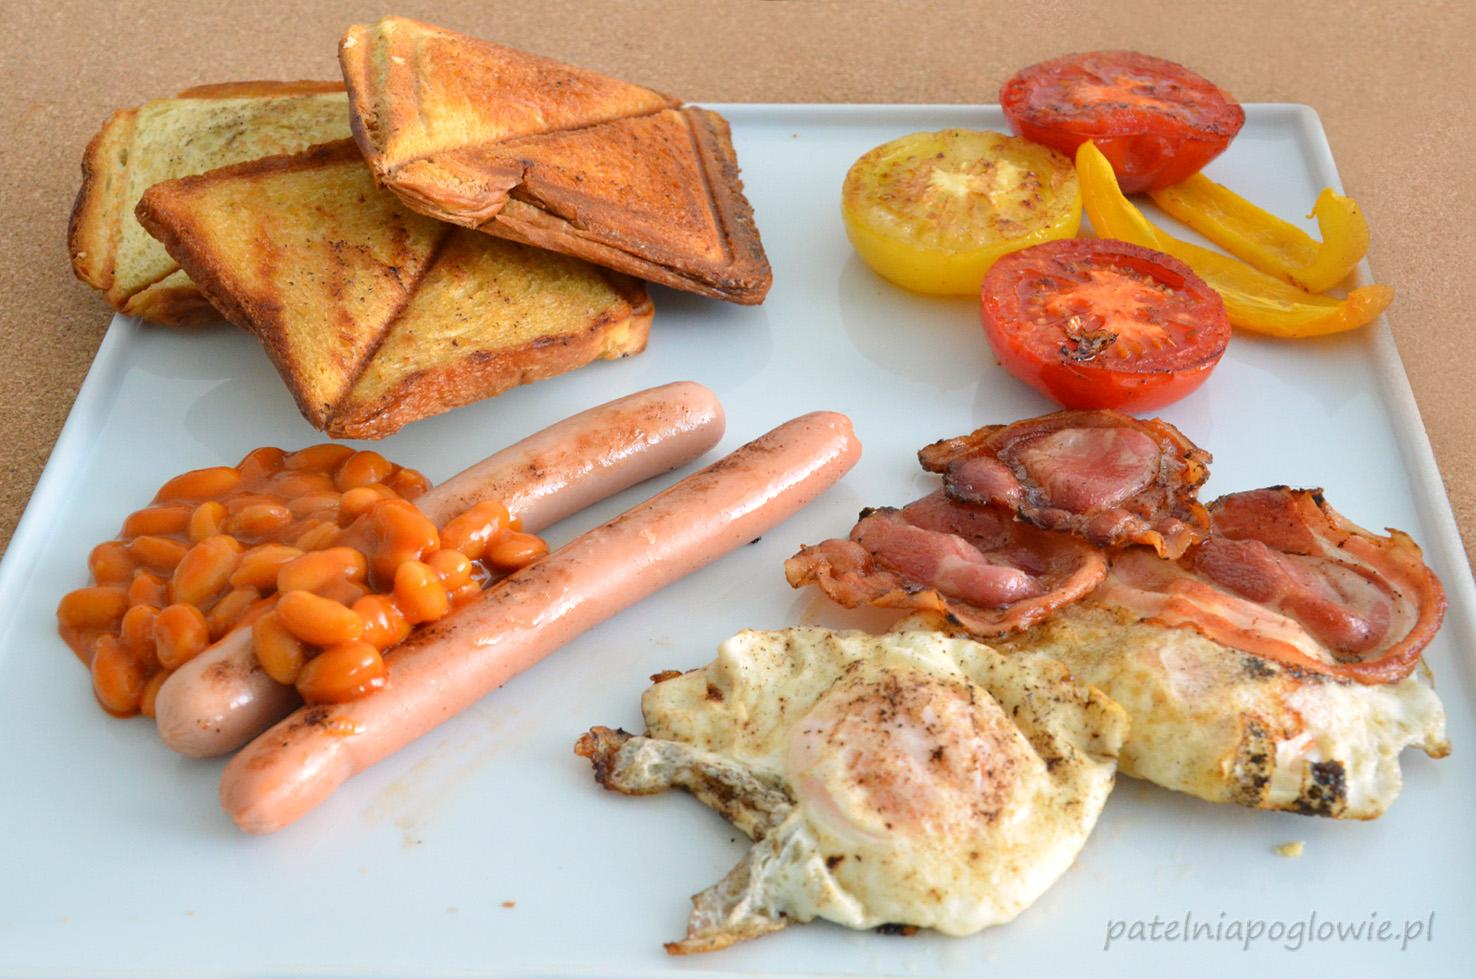 smażone jajka z bekonem, smażone kiełbaski, fasolka na gorąco, tosty angielskie